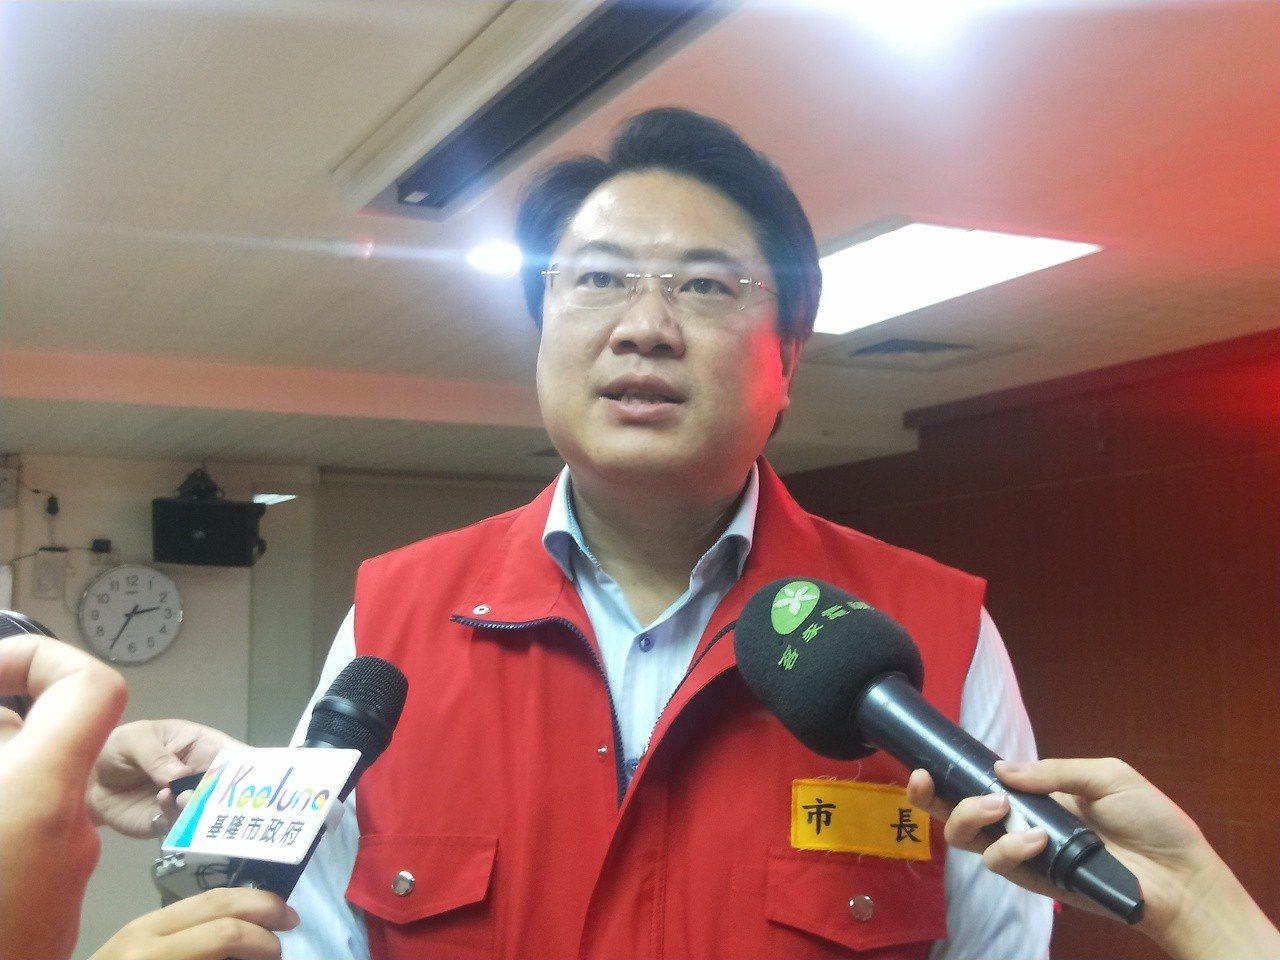 基隆市政府今晚8點宣布, 由於明天風雨未達停班停課標準,基隆與台北、新北三市共同...